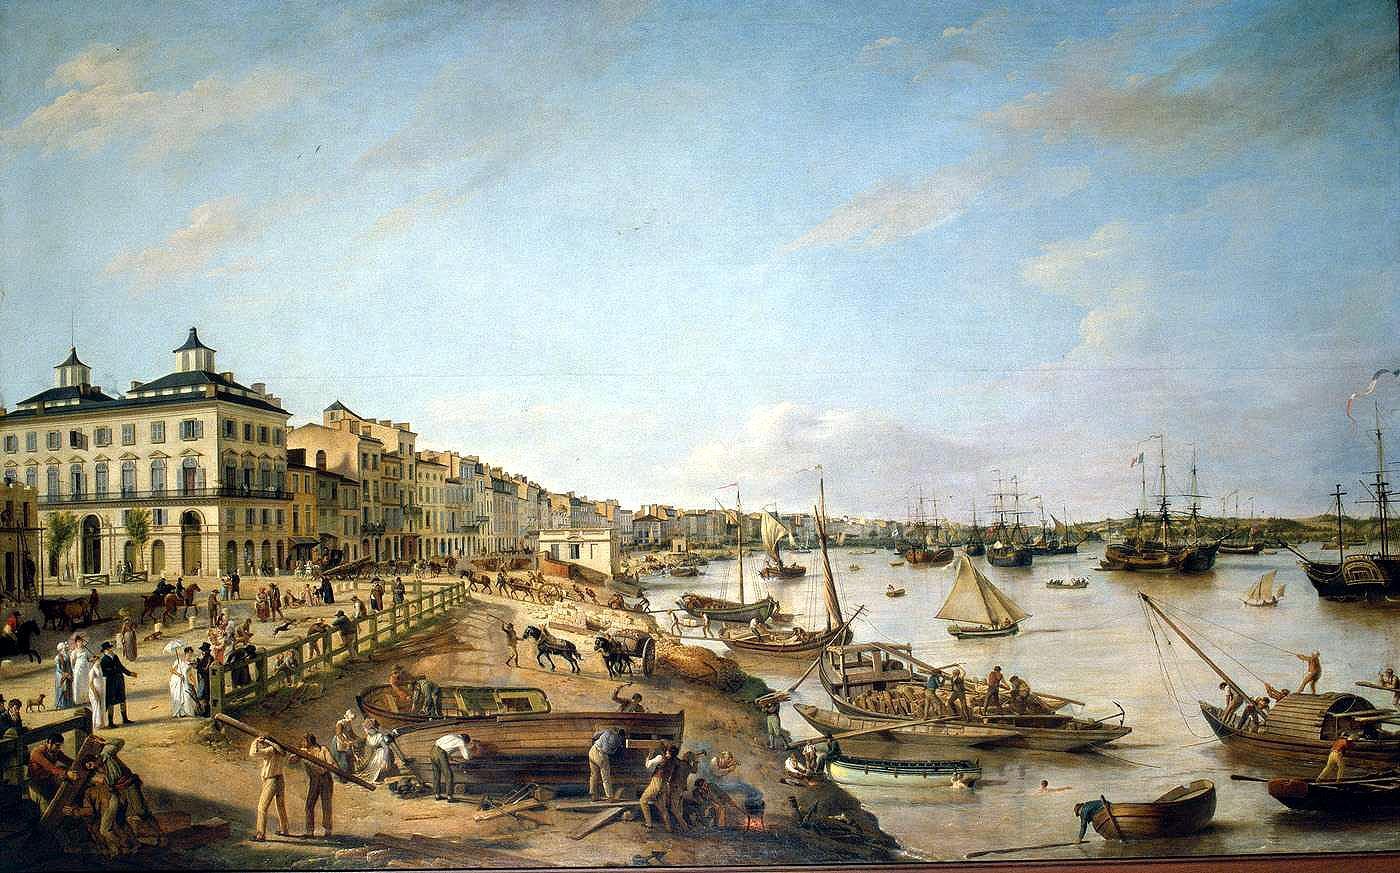 Peinture du port de Bordeaux au XVIIIe siècle